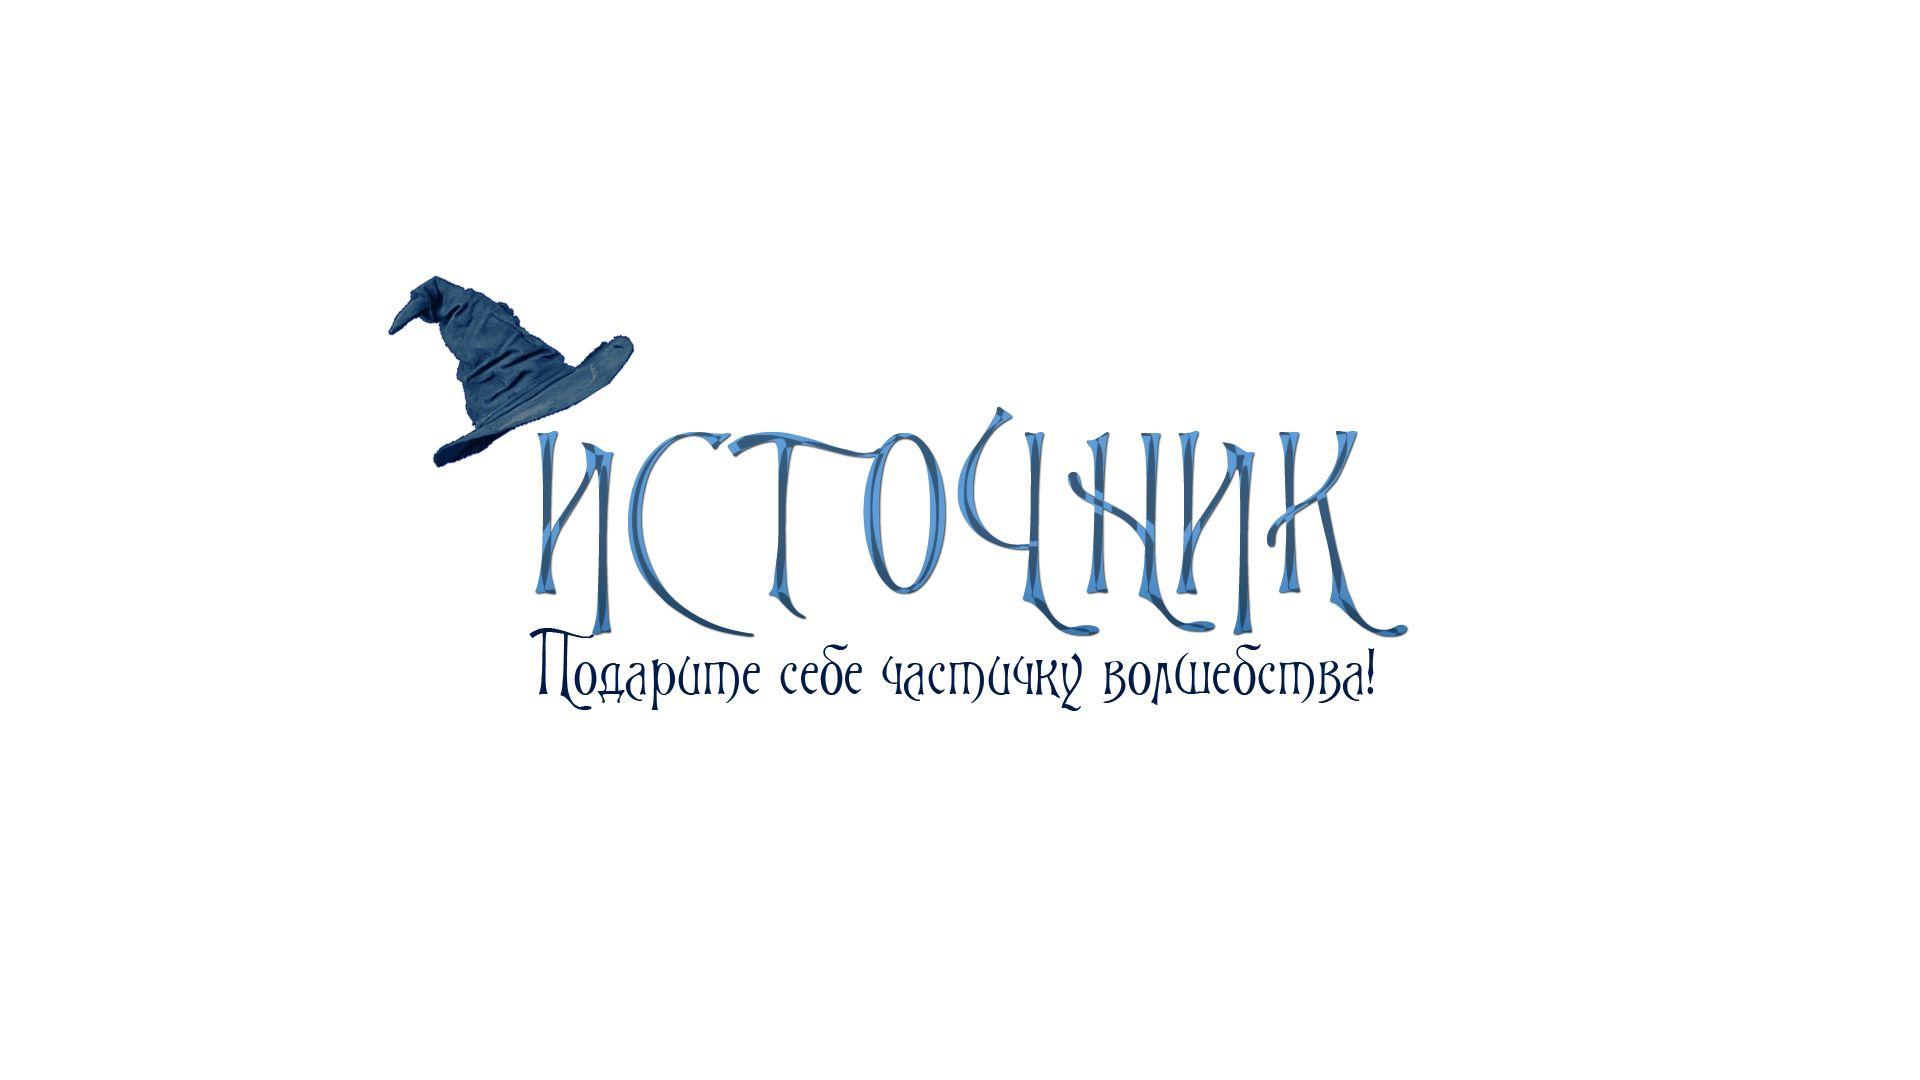 Логотип для магазина Украшений из Фильмов - дизайнер JusticeMusic